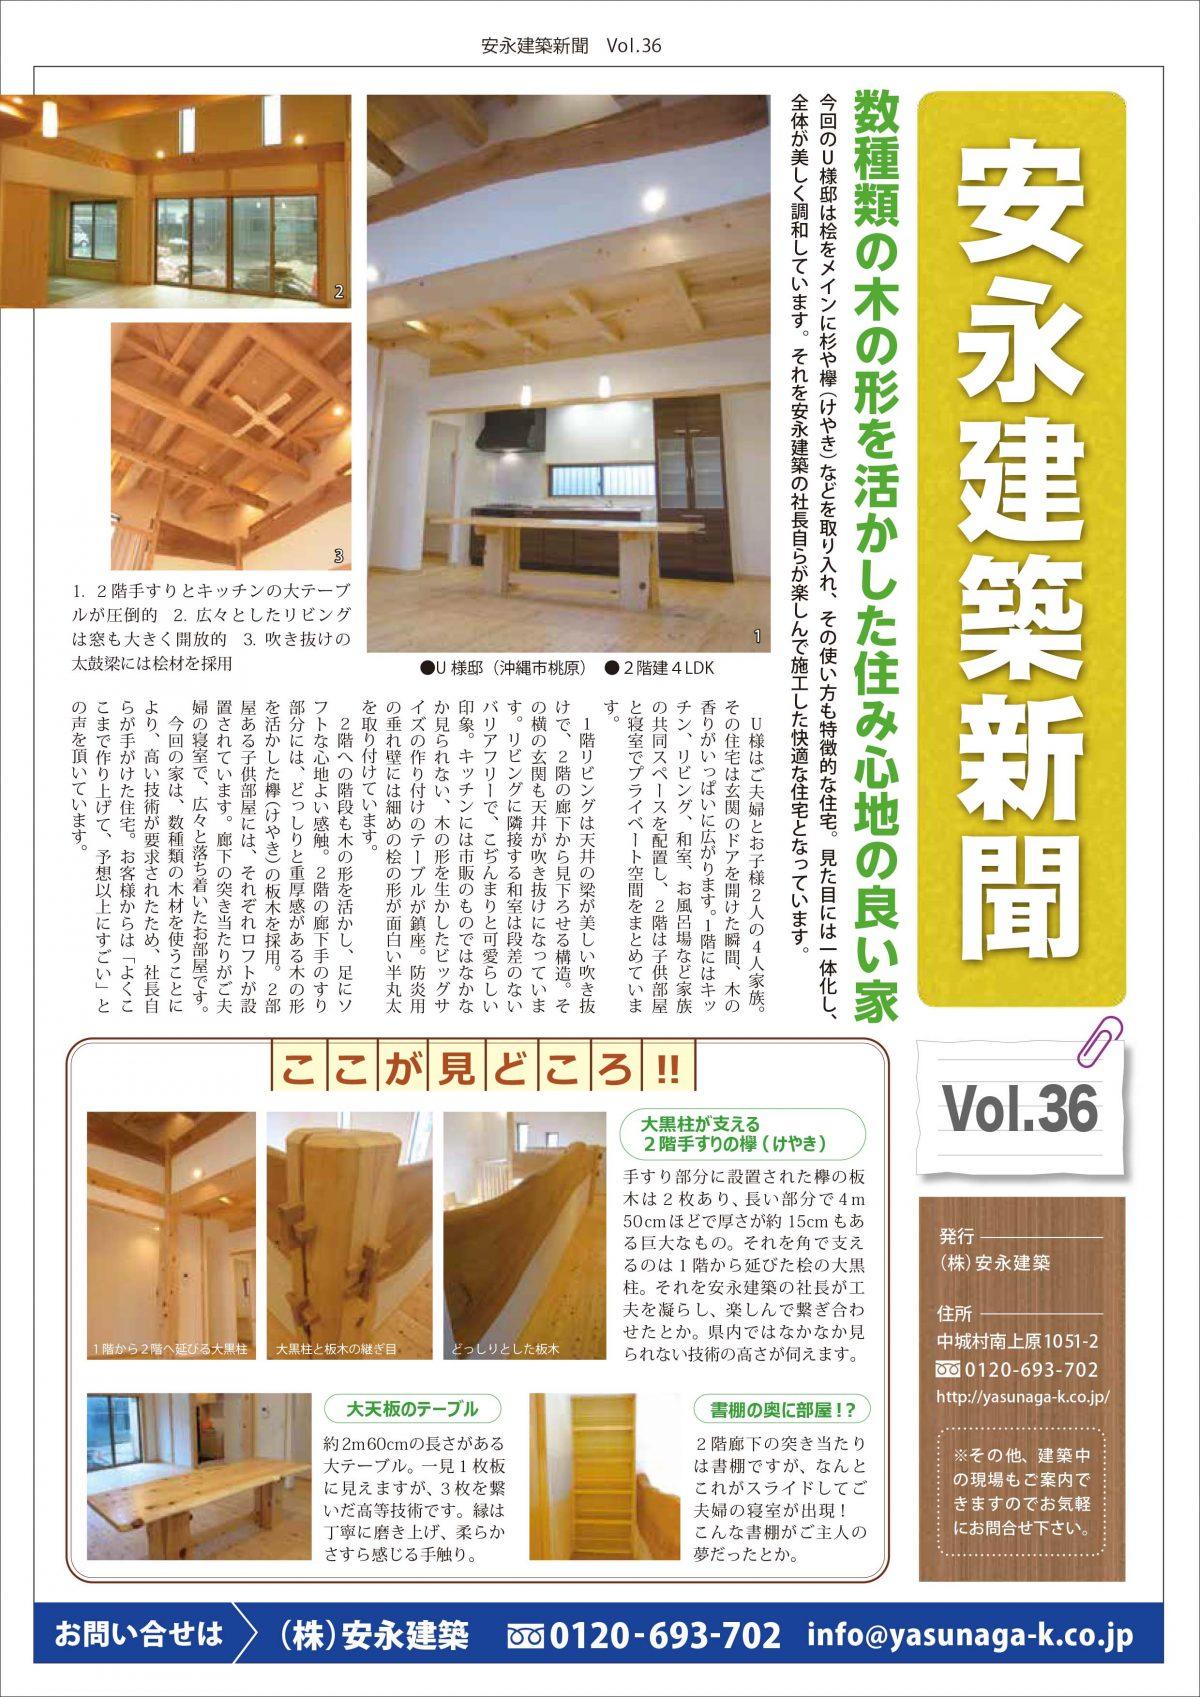 36号もやりました!「安永建築新聞」マンガ以外のチラシもやってます!